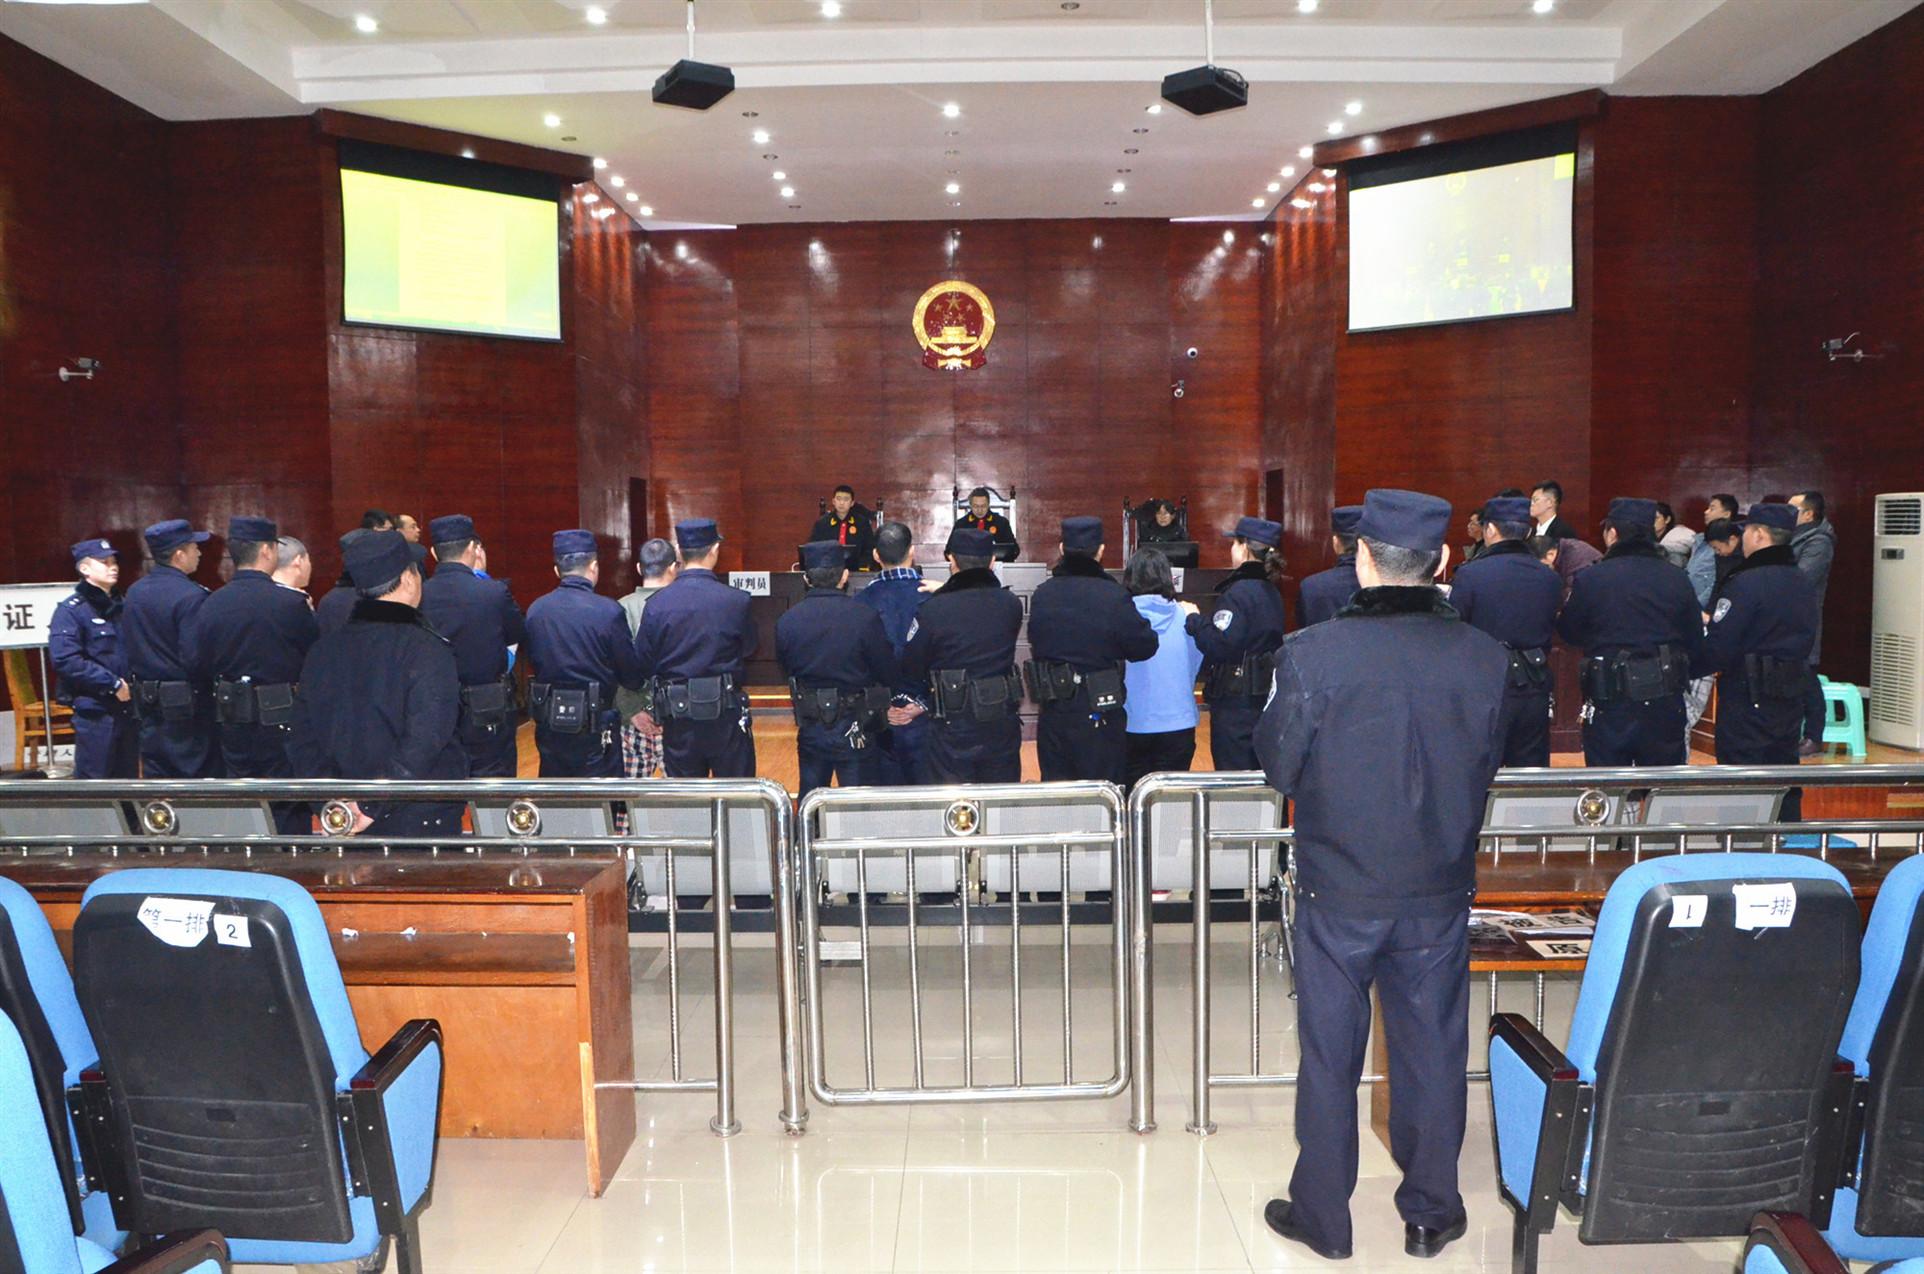 http://www.cqsybj.com/chongqingjingji/91234.html